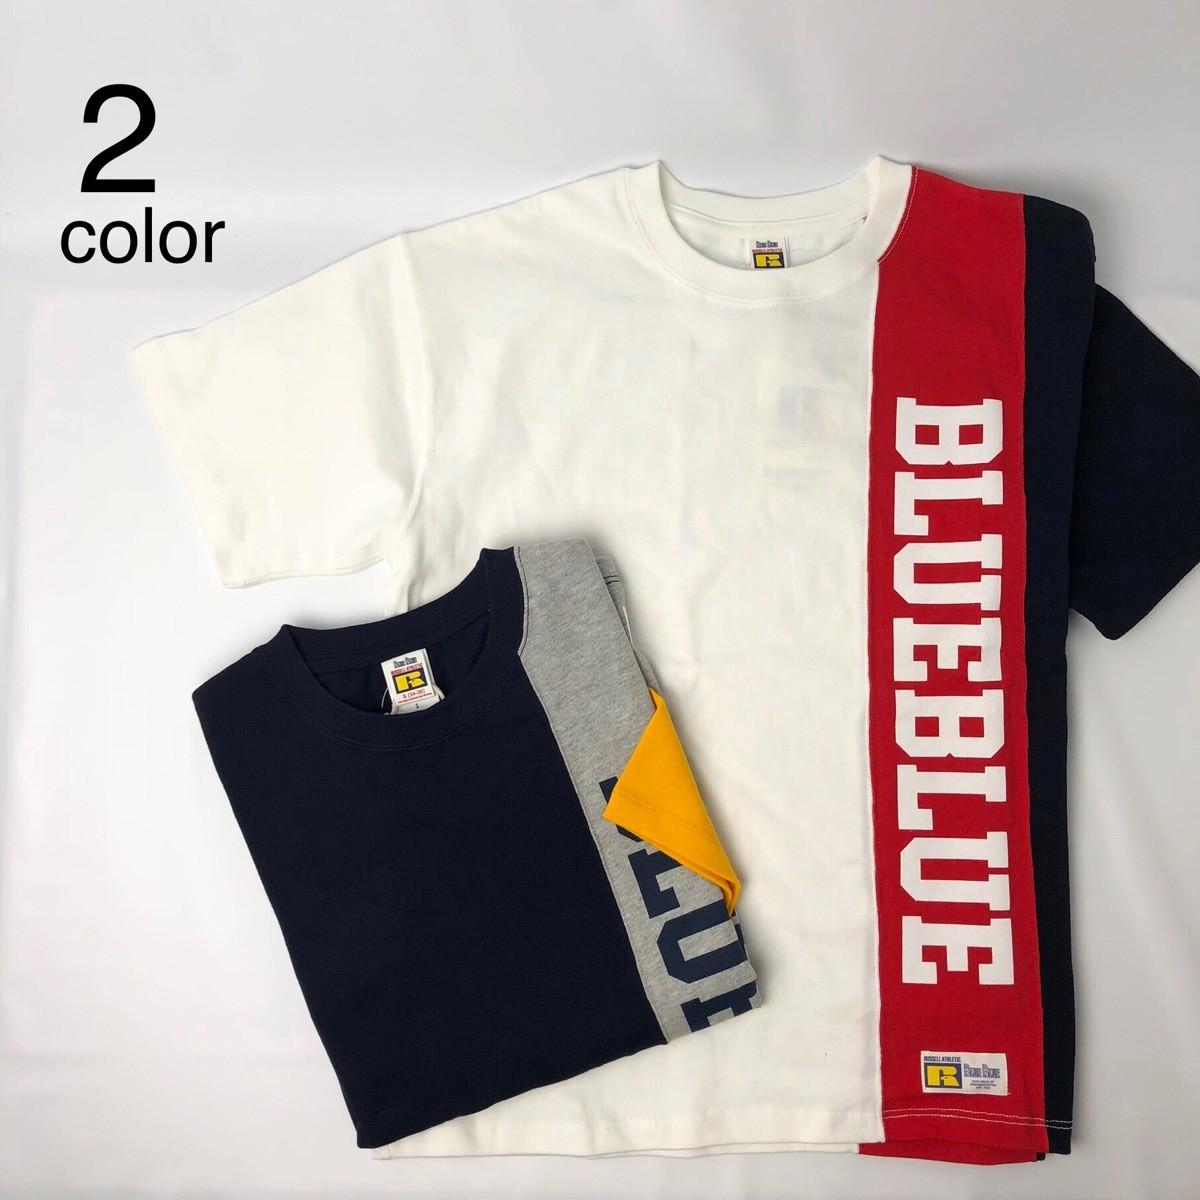 画像1: 【メンズ】ラッセル・ブルーブルー(RUSSELL・BLUEBLUE)RUSSELL・BLUE BLUE 3トーン Tシャツ (1)